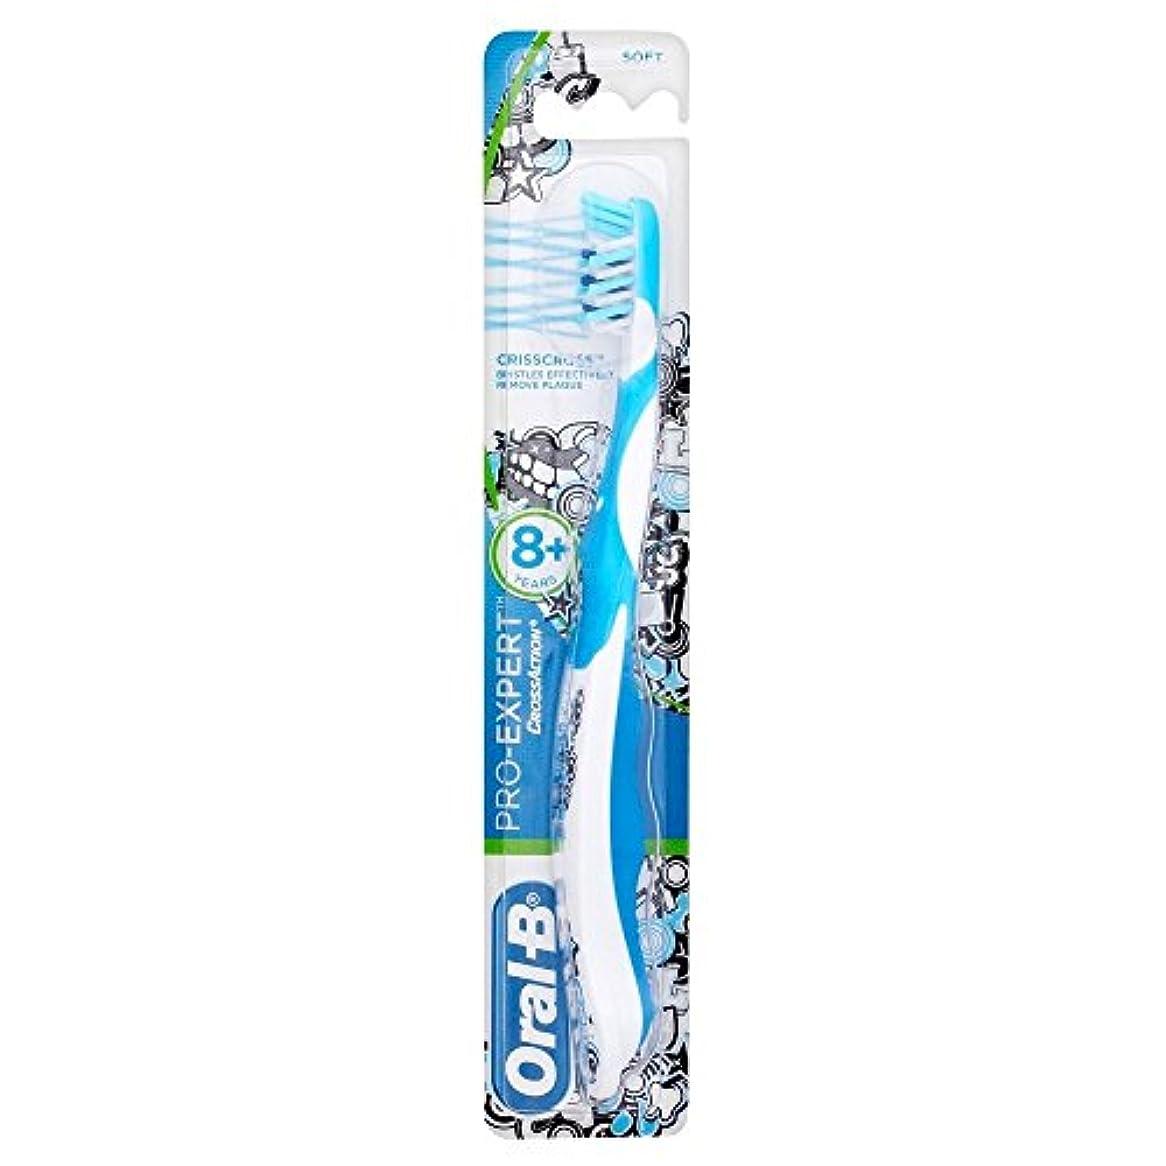 息を切らして裁判所卵Oral-B Toothbrush Pro-Expert Soft Bristles 8yr + オーラルb歯ブラシプロ専門ソフト剛毛??8Yr + [並行輸入品]